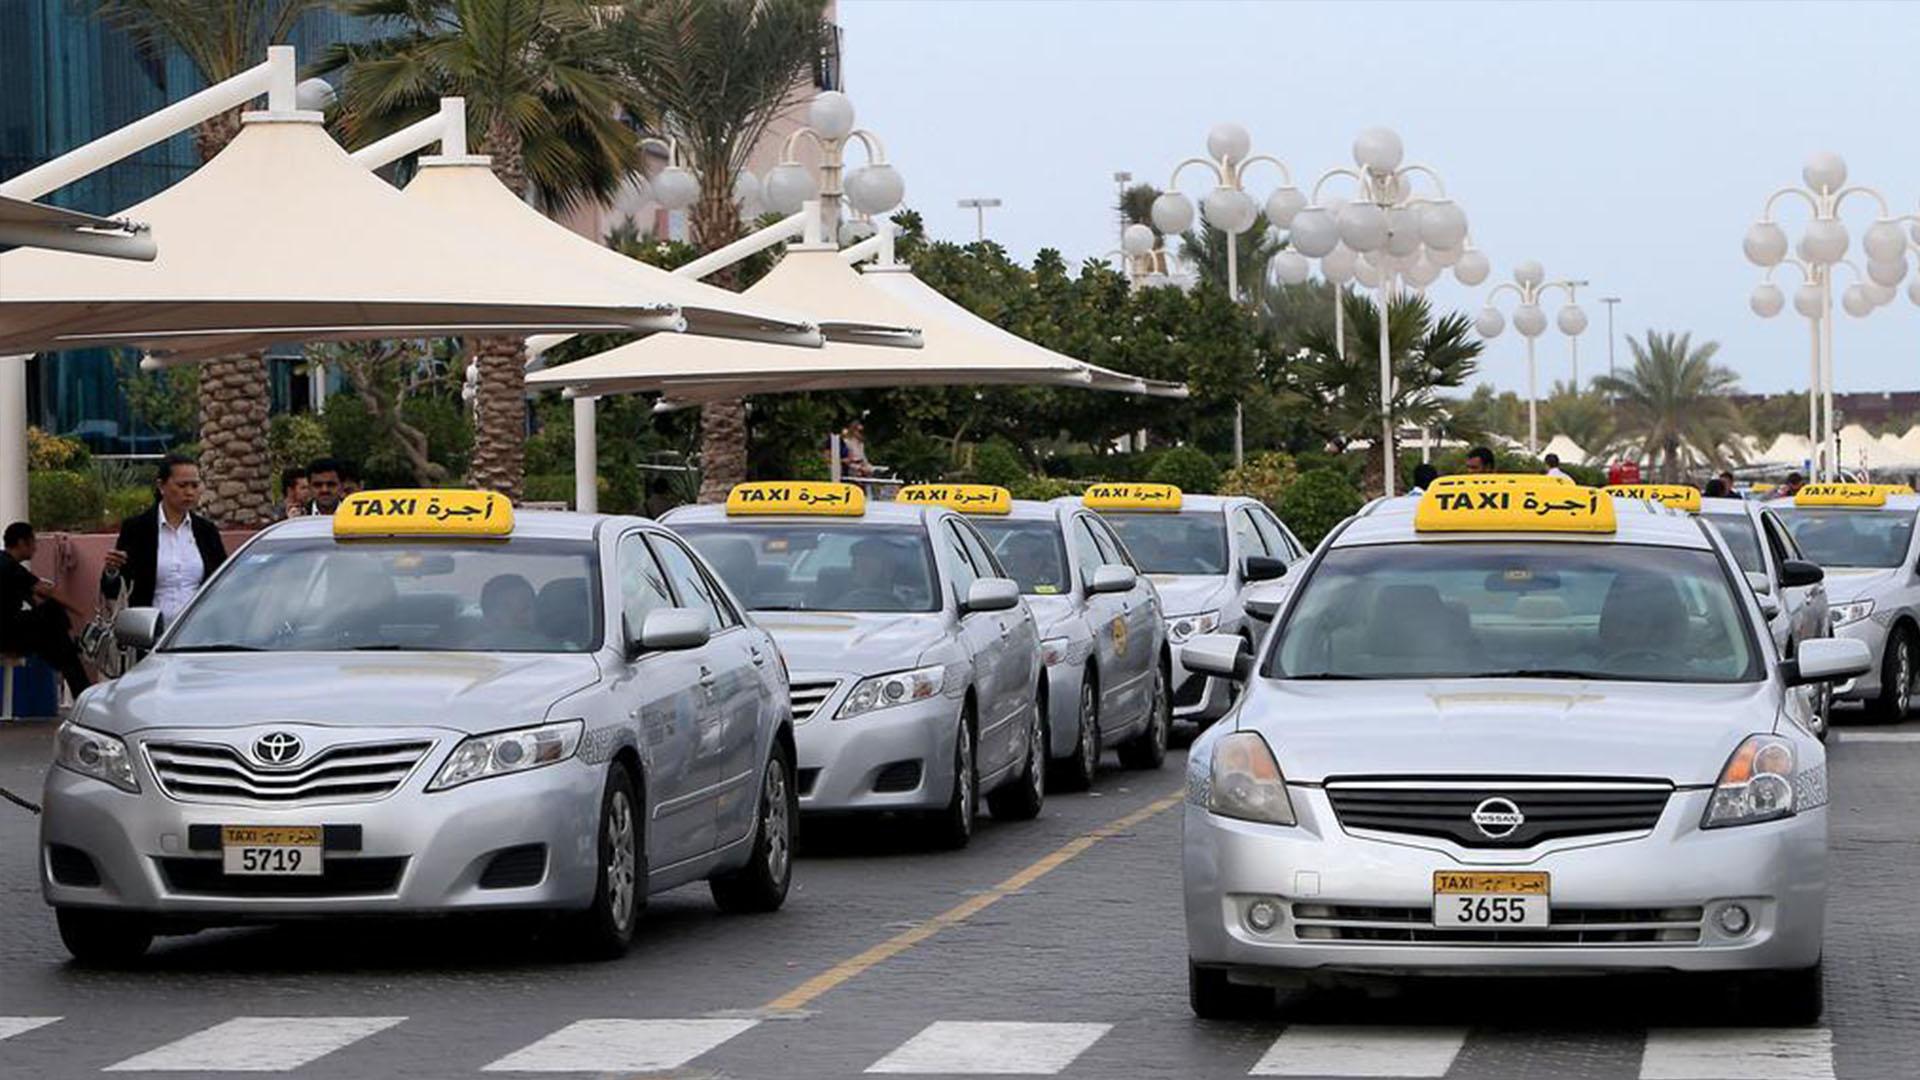 Covid в ОАЭ: теперь платите за проезд в такси без наличных и банковской карты